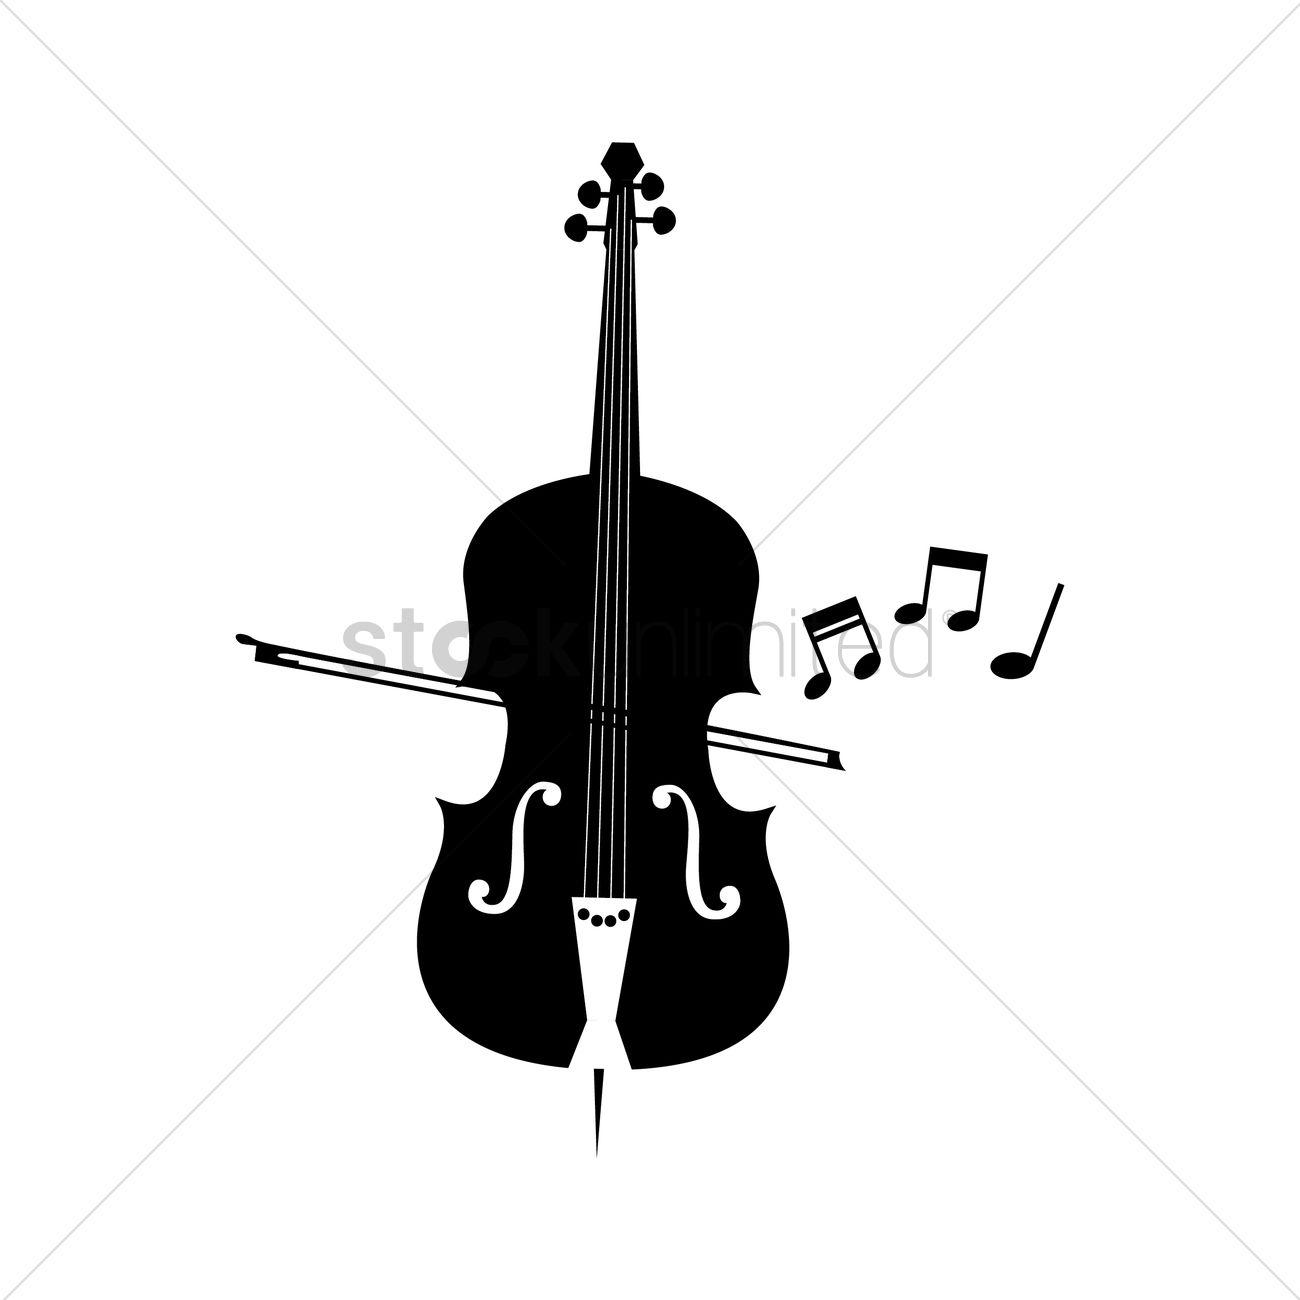 Free Silhouette Of Cello Vector Graphic